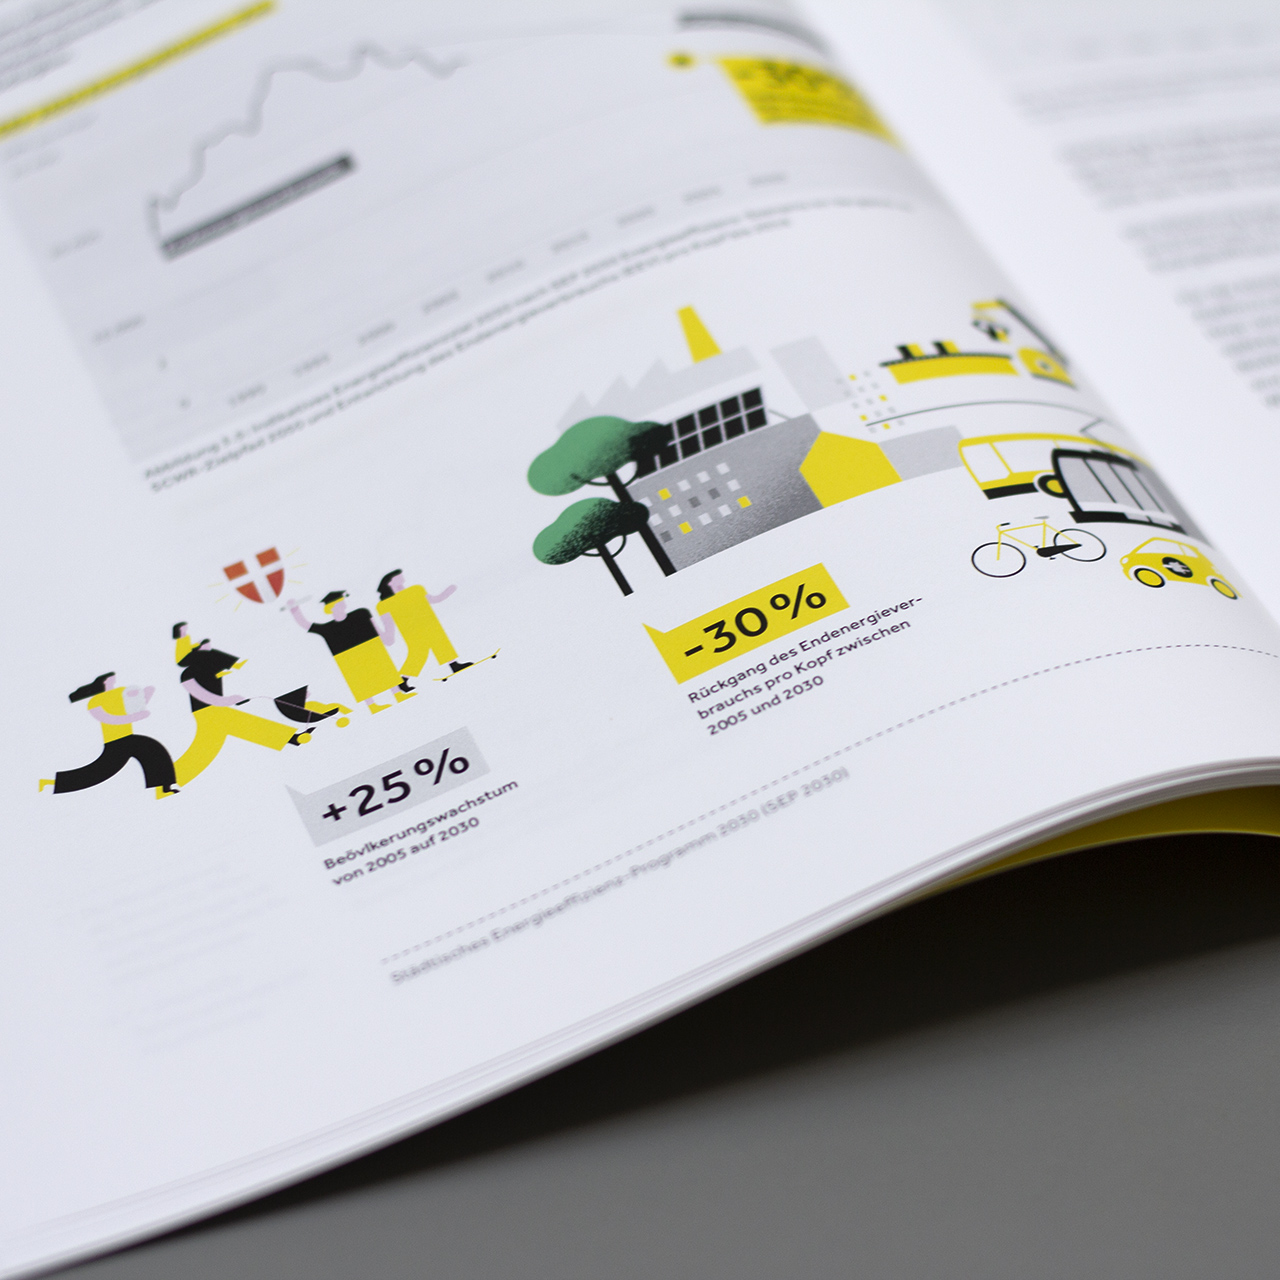 Detailansicht einer Seite aus dem Energiebericht der Stadt Wien mit Illustration von Menschen, Fahrräder, Bäumen, Straßenverkehr zum Thema Bevölkerungswachstum und Energieverbrauch